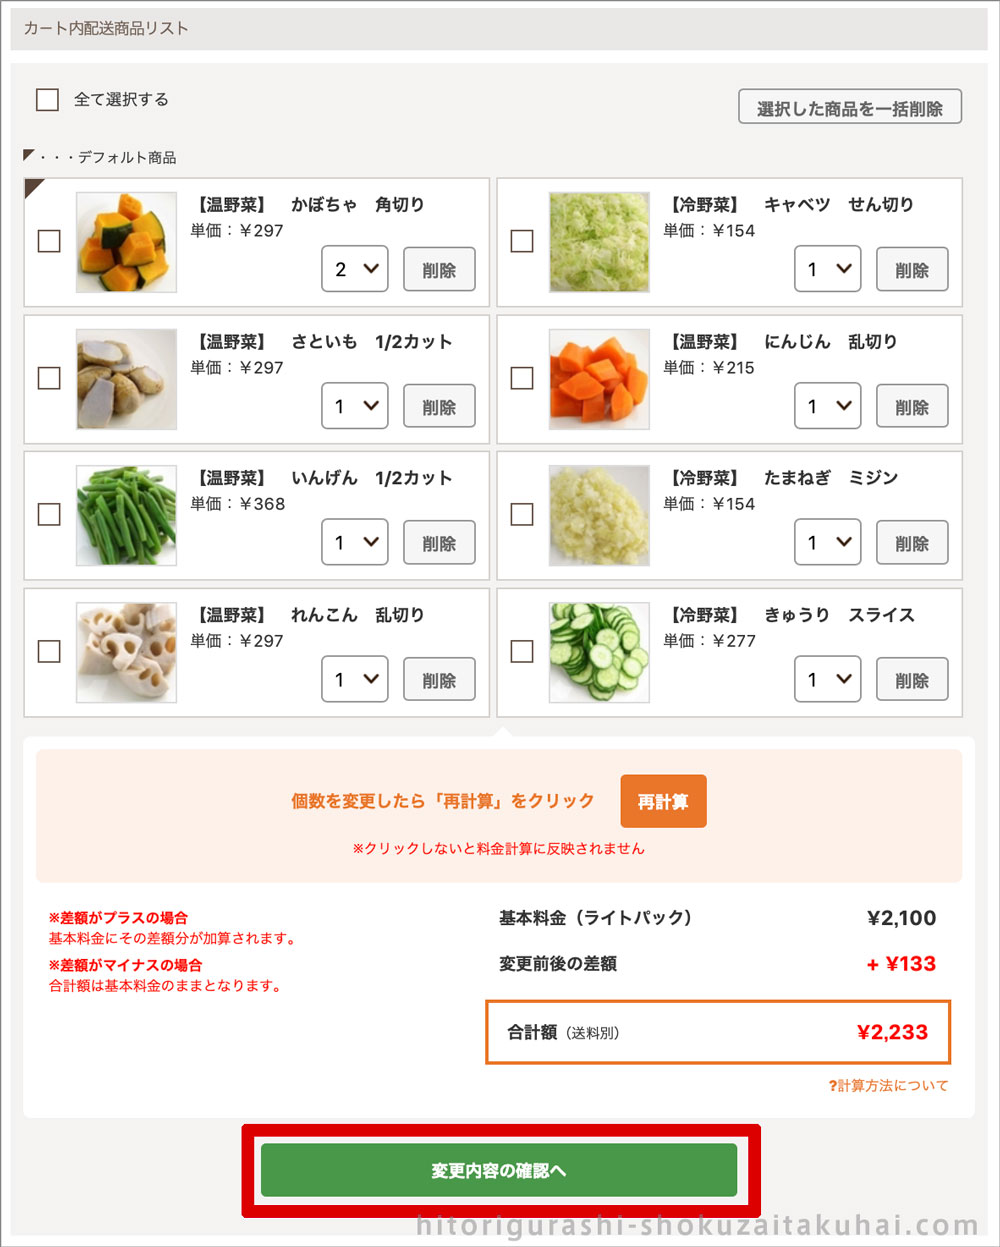 イエコックの注文・会員登録方法(カット野菜の注文)